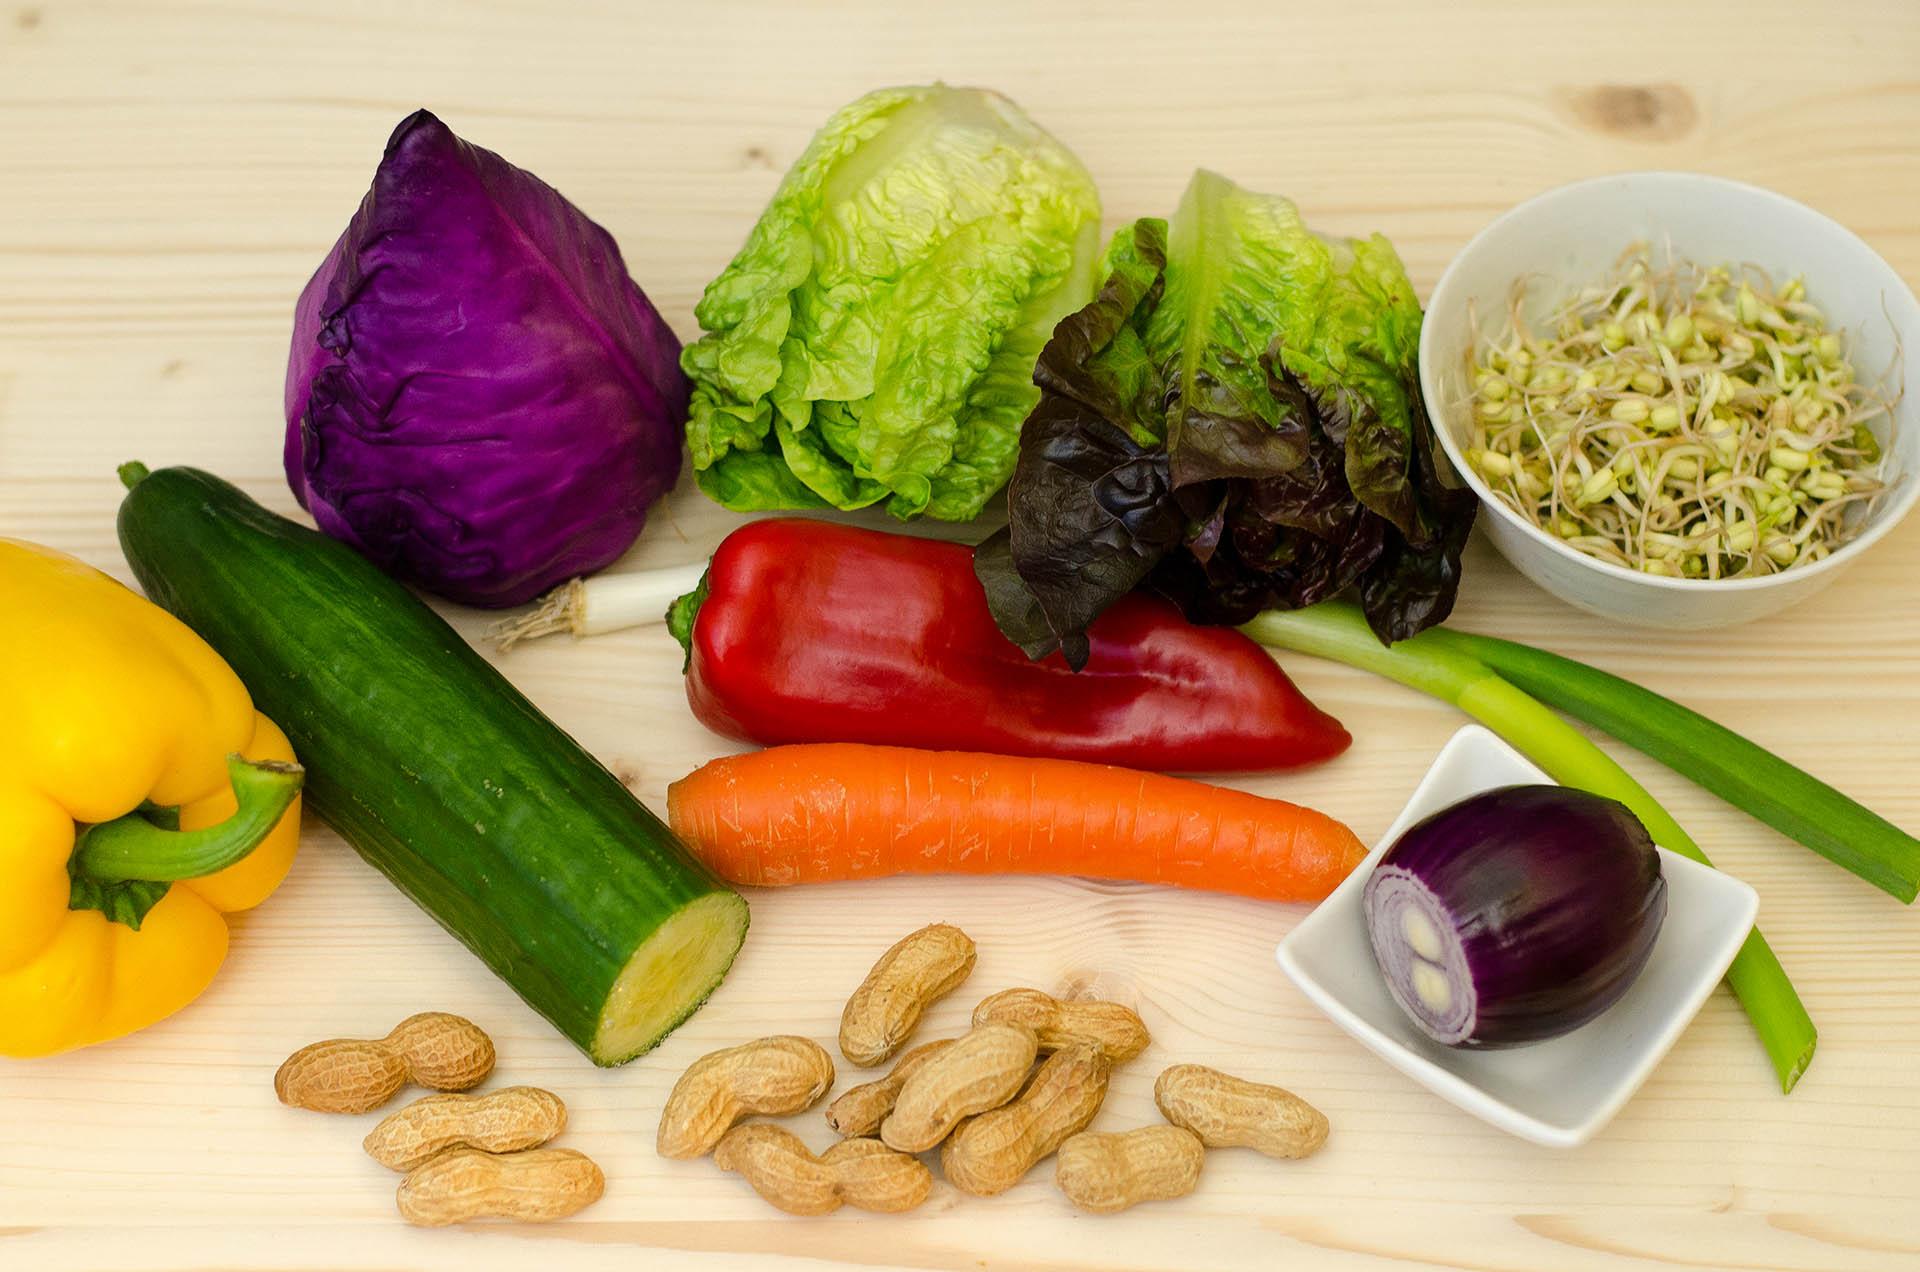 Zutaten für den Regenbogen-Salat im Wokpiraten Style